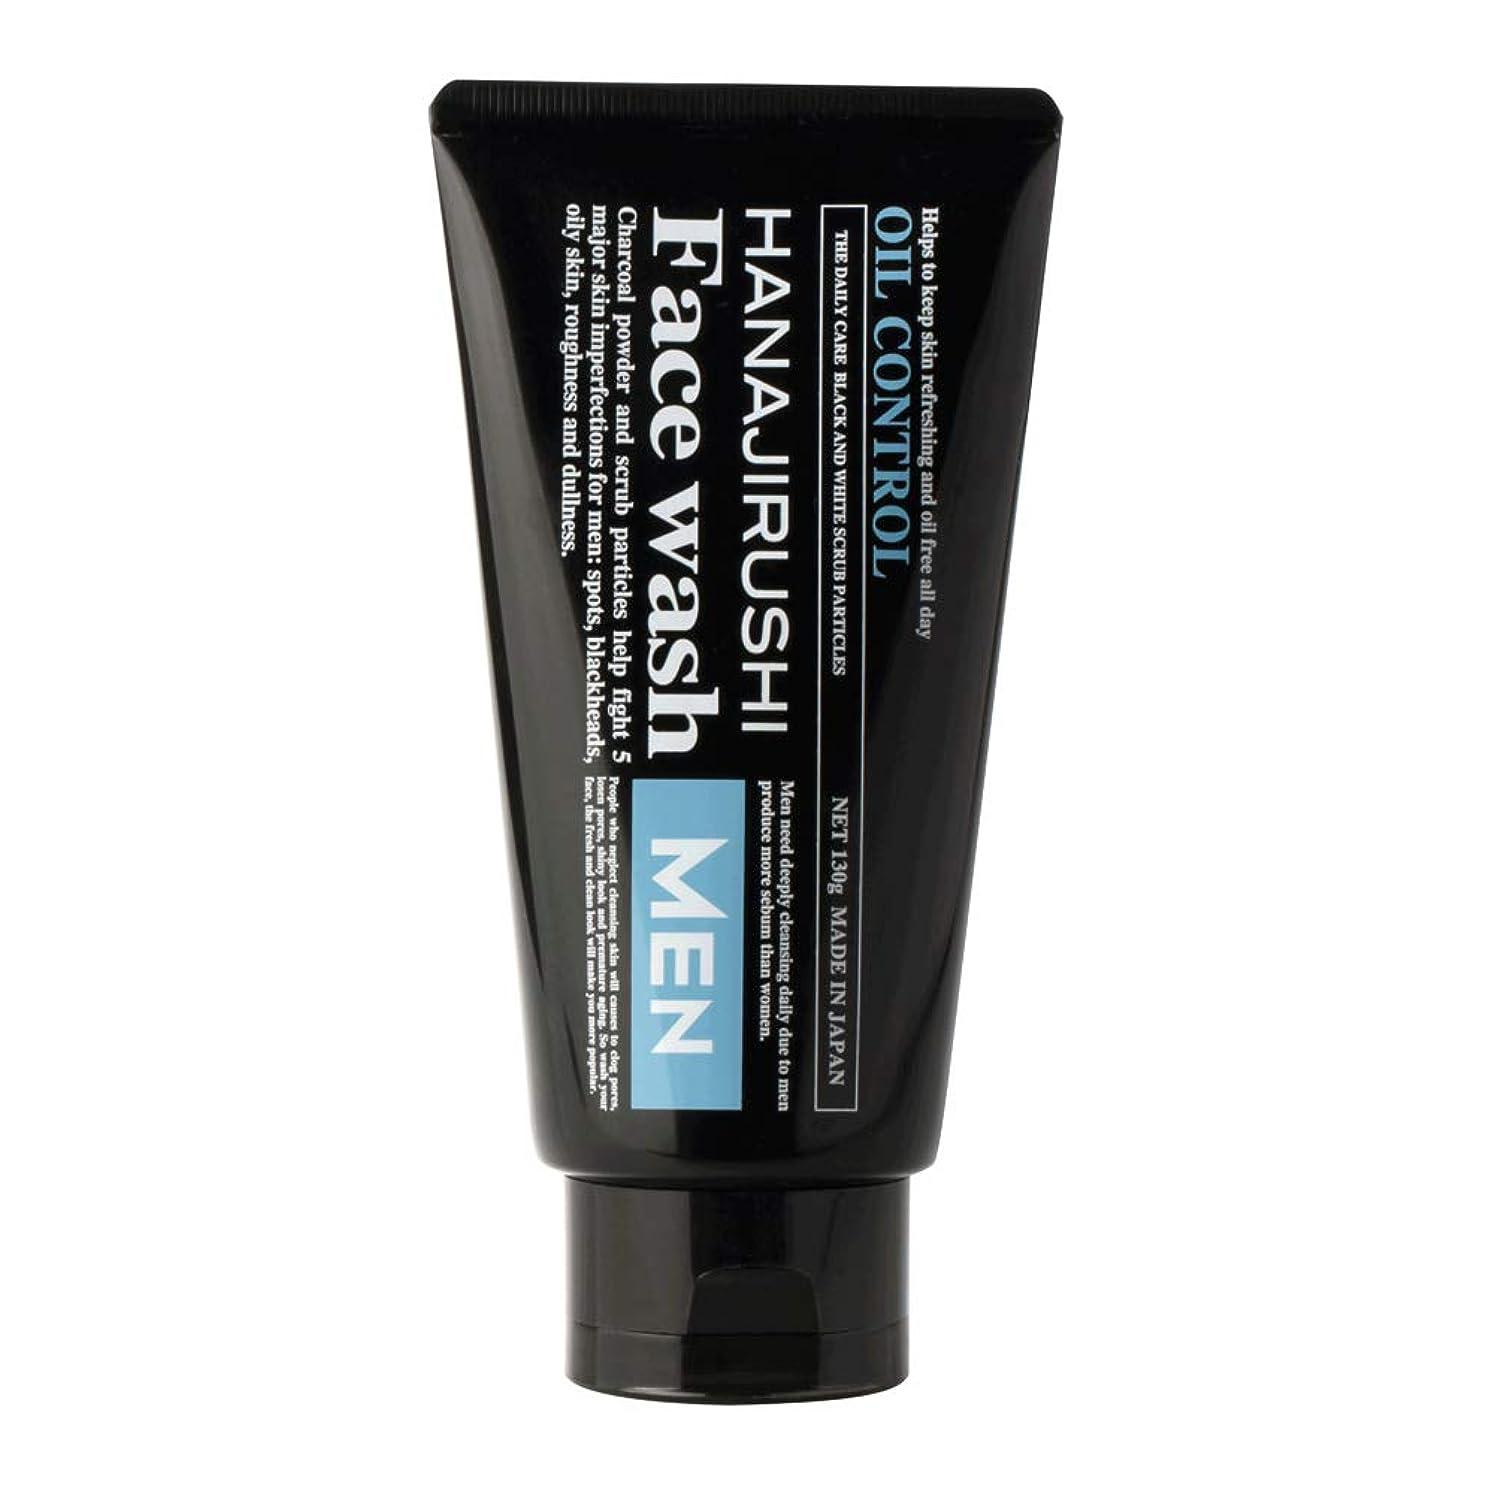 ピッチャー脳郵便屋さん花印 メンズオイルコントロール洗顔 スクラブタイプ B&W<男性用洗顔>